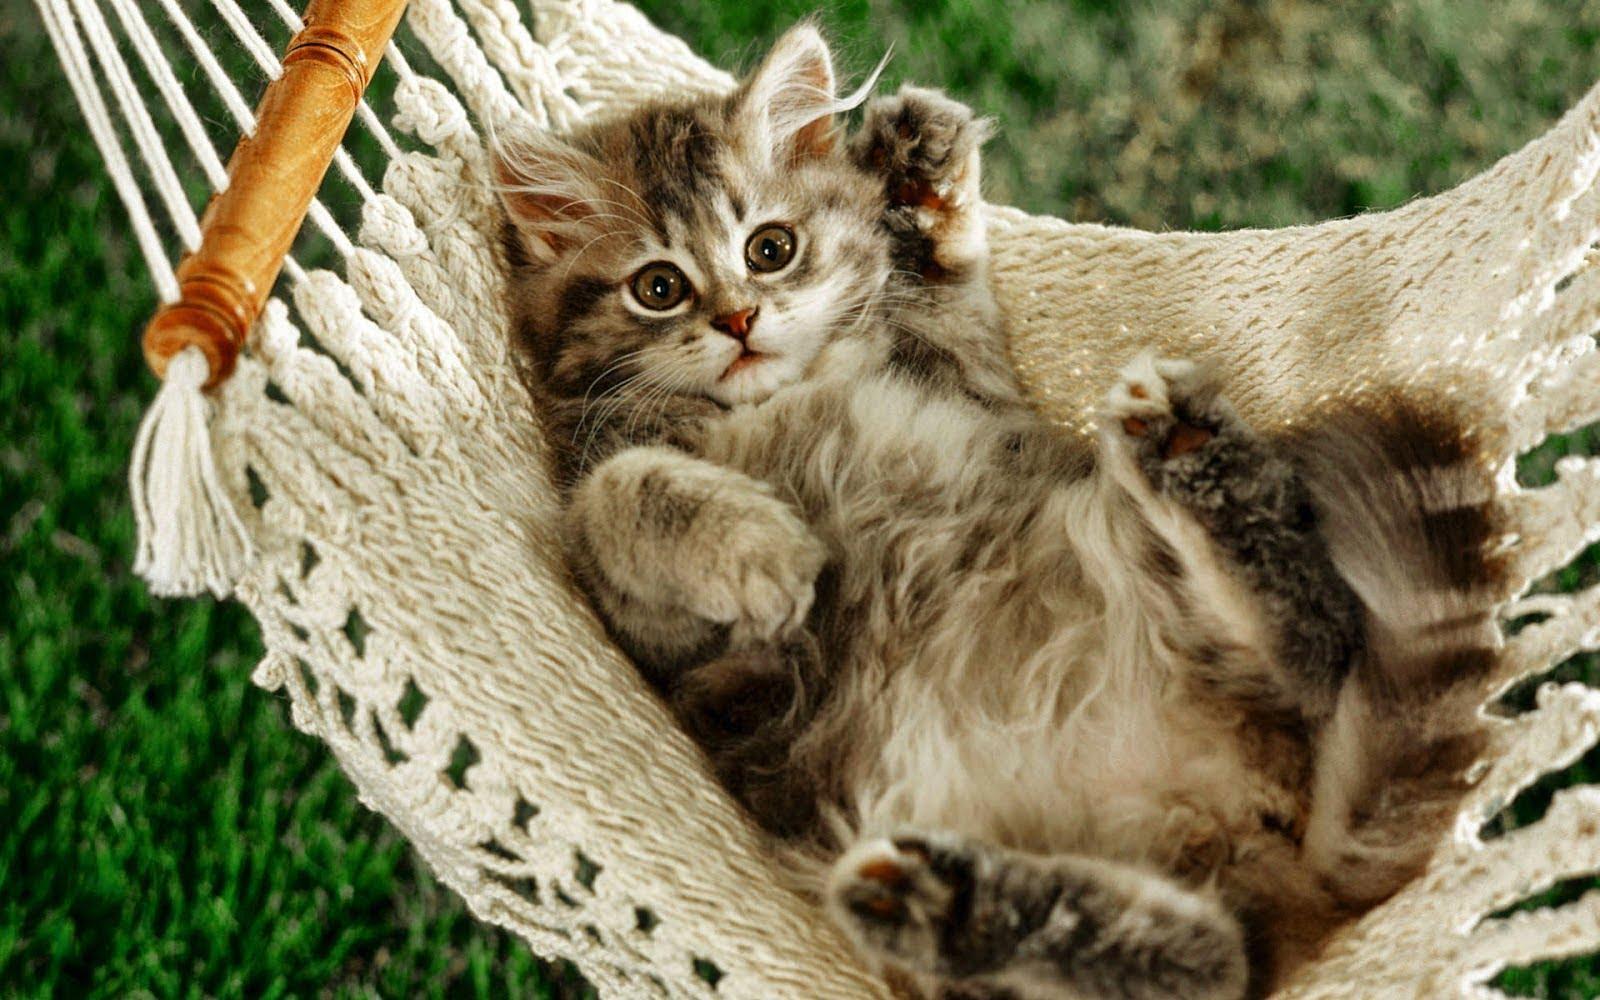 Hình ảnh chú mèo con đang tạo dáng trên chiếc võng được chủ nhân ghi lại